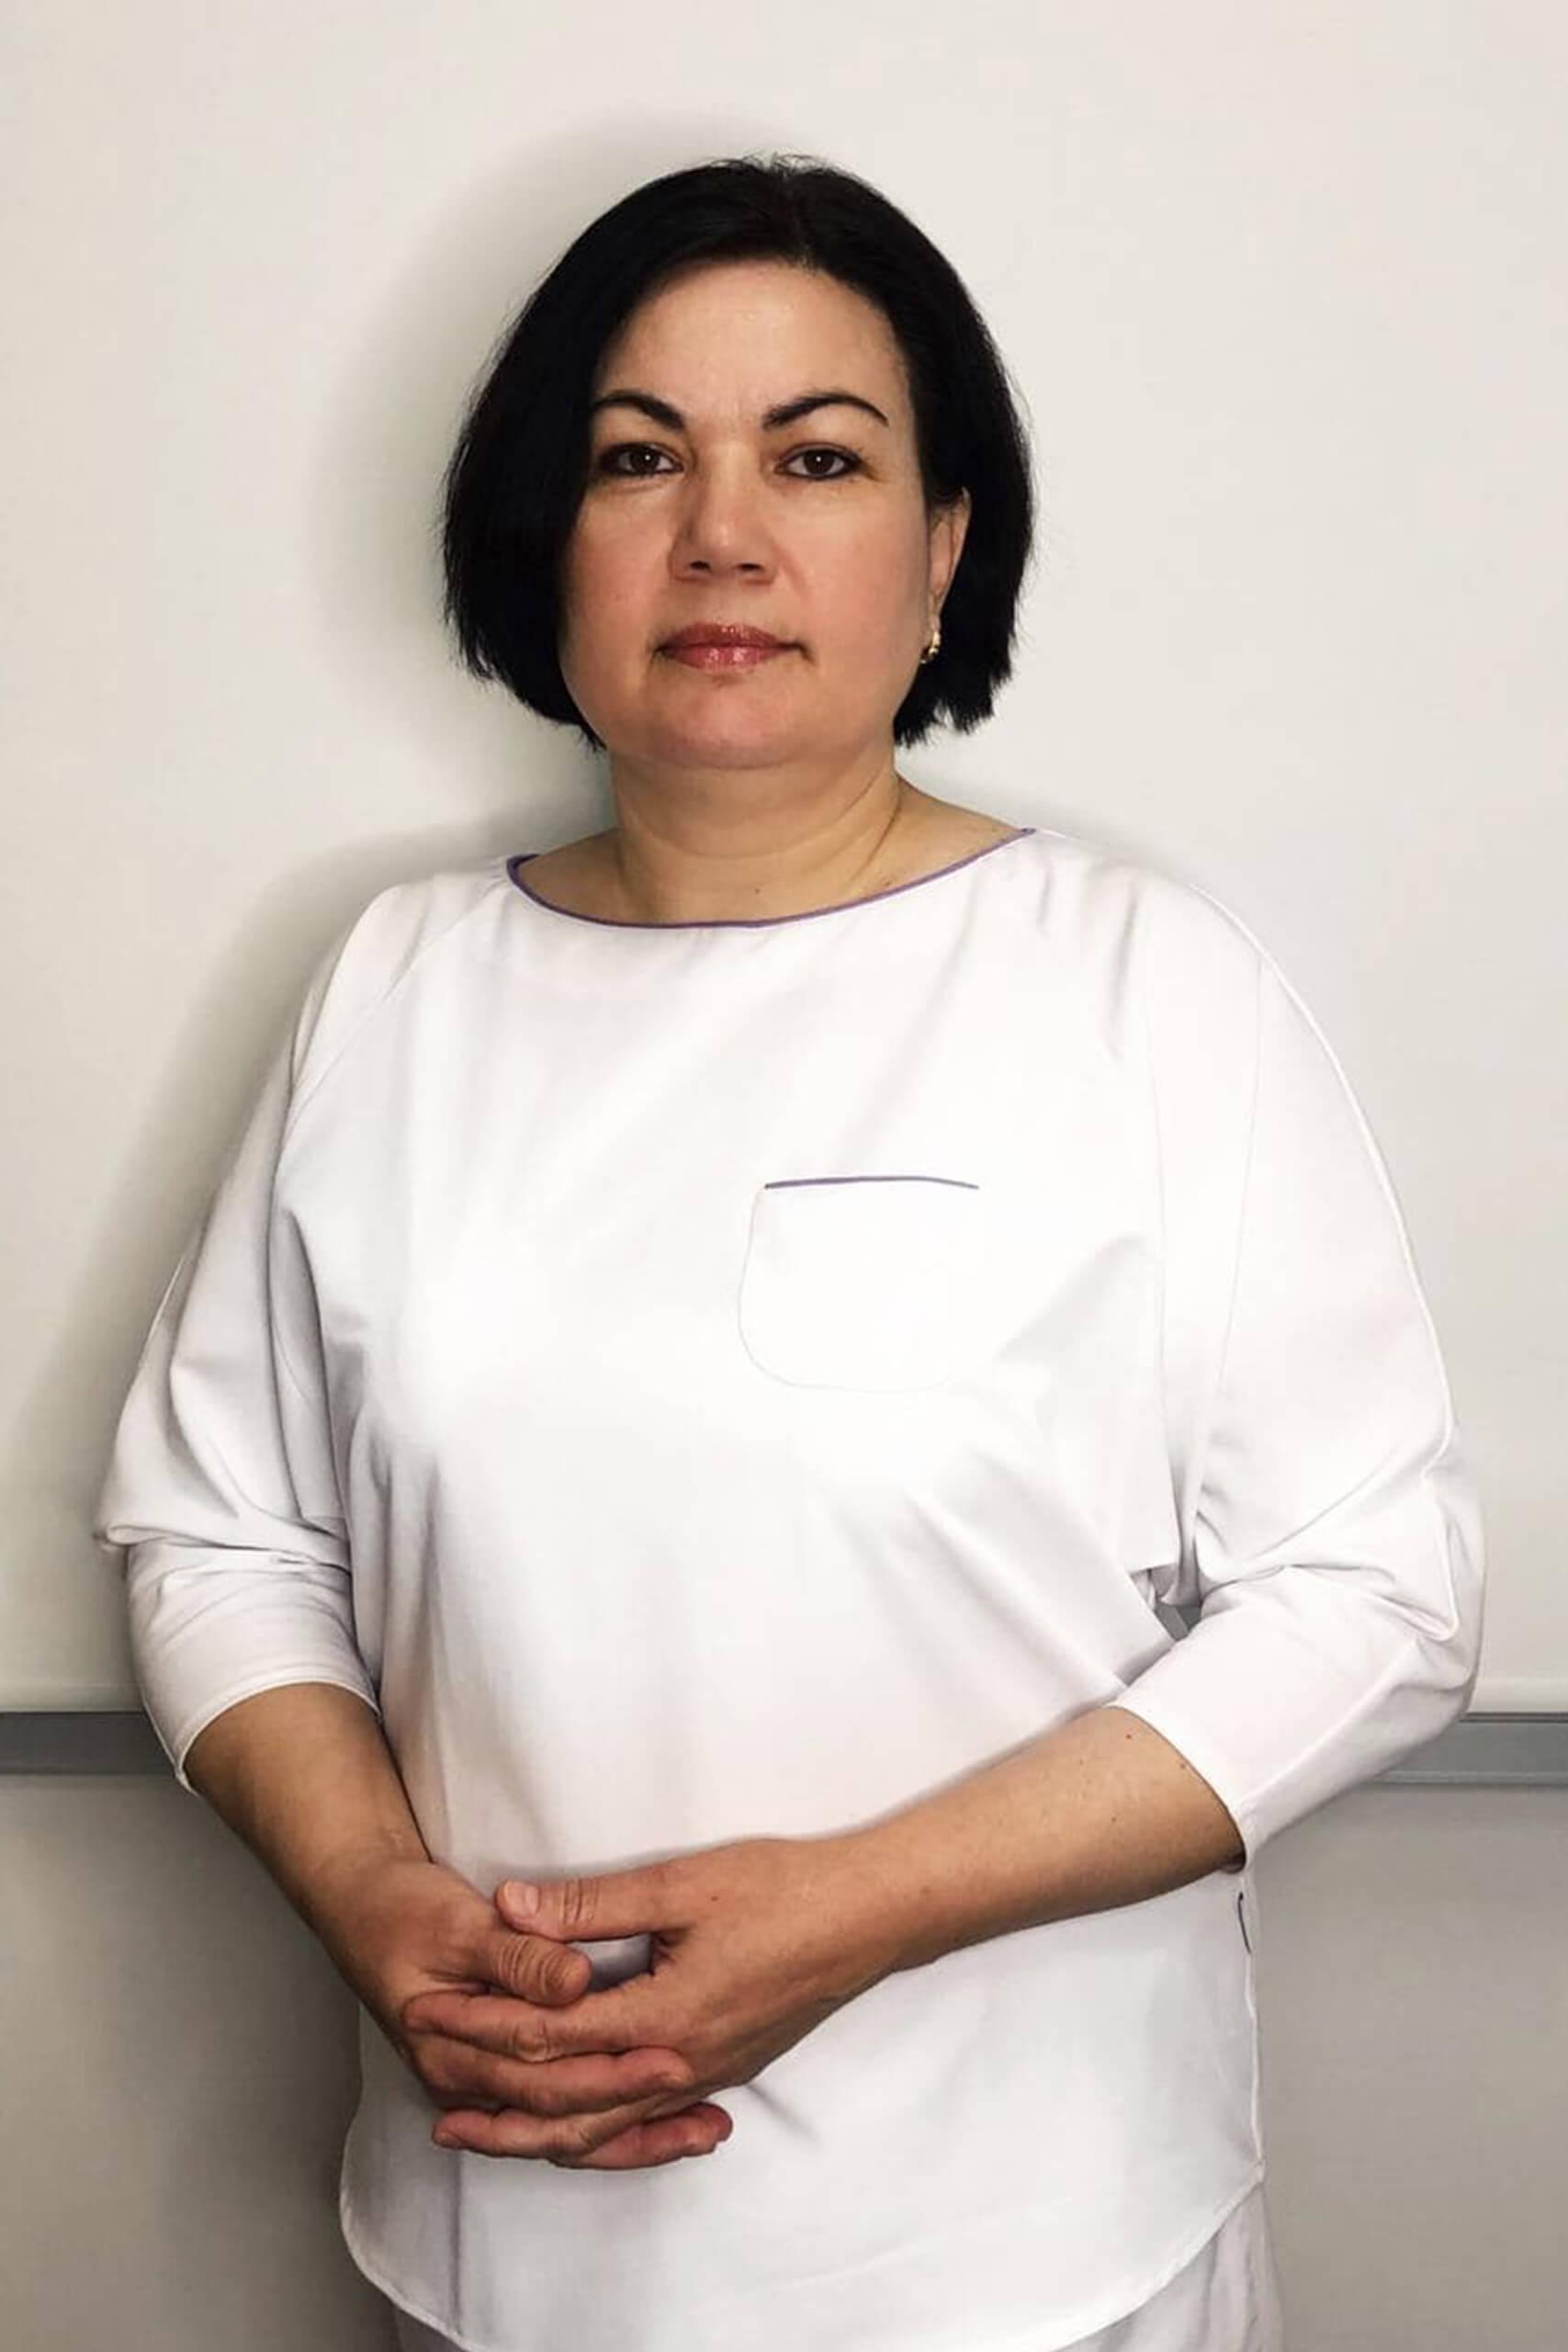 nekrasova irina georgievna - Некрасова Ирина Георгиевна